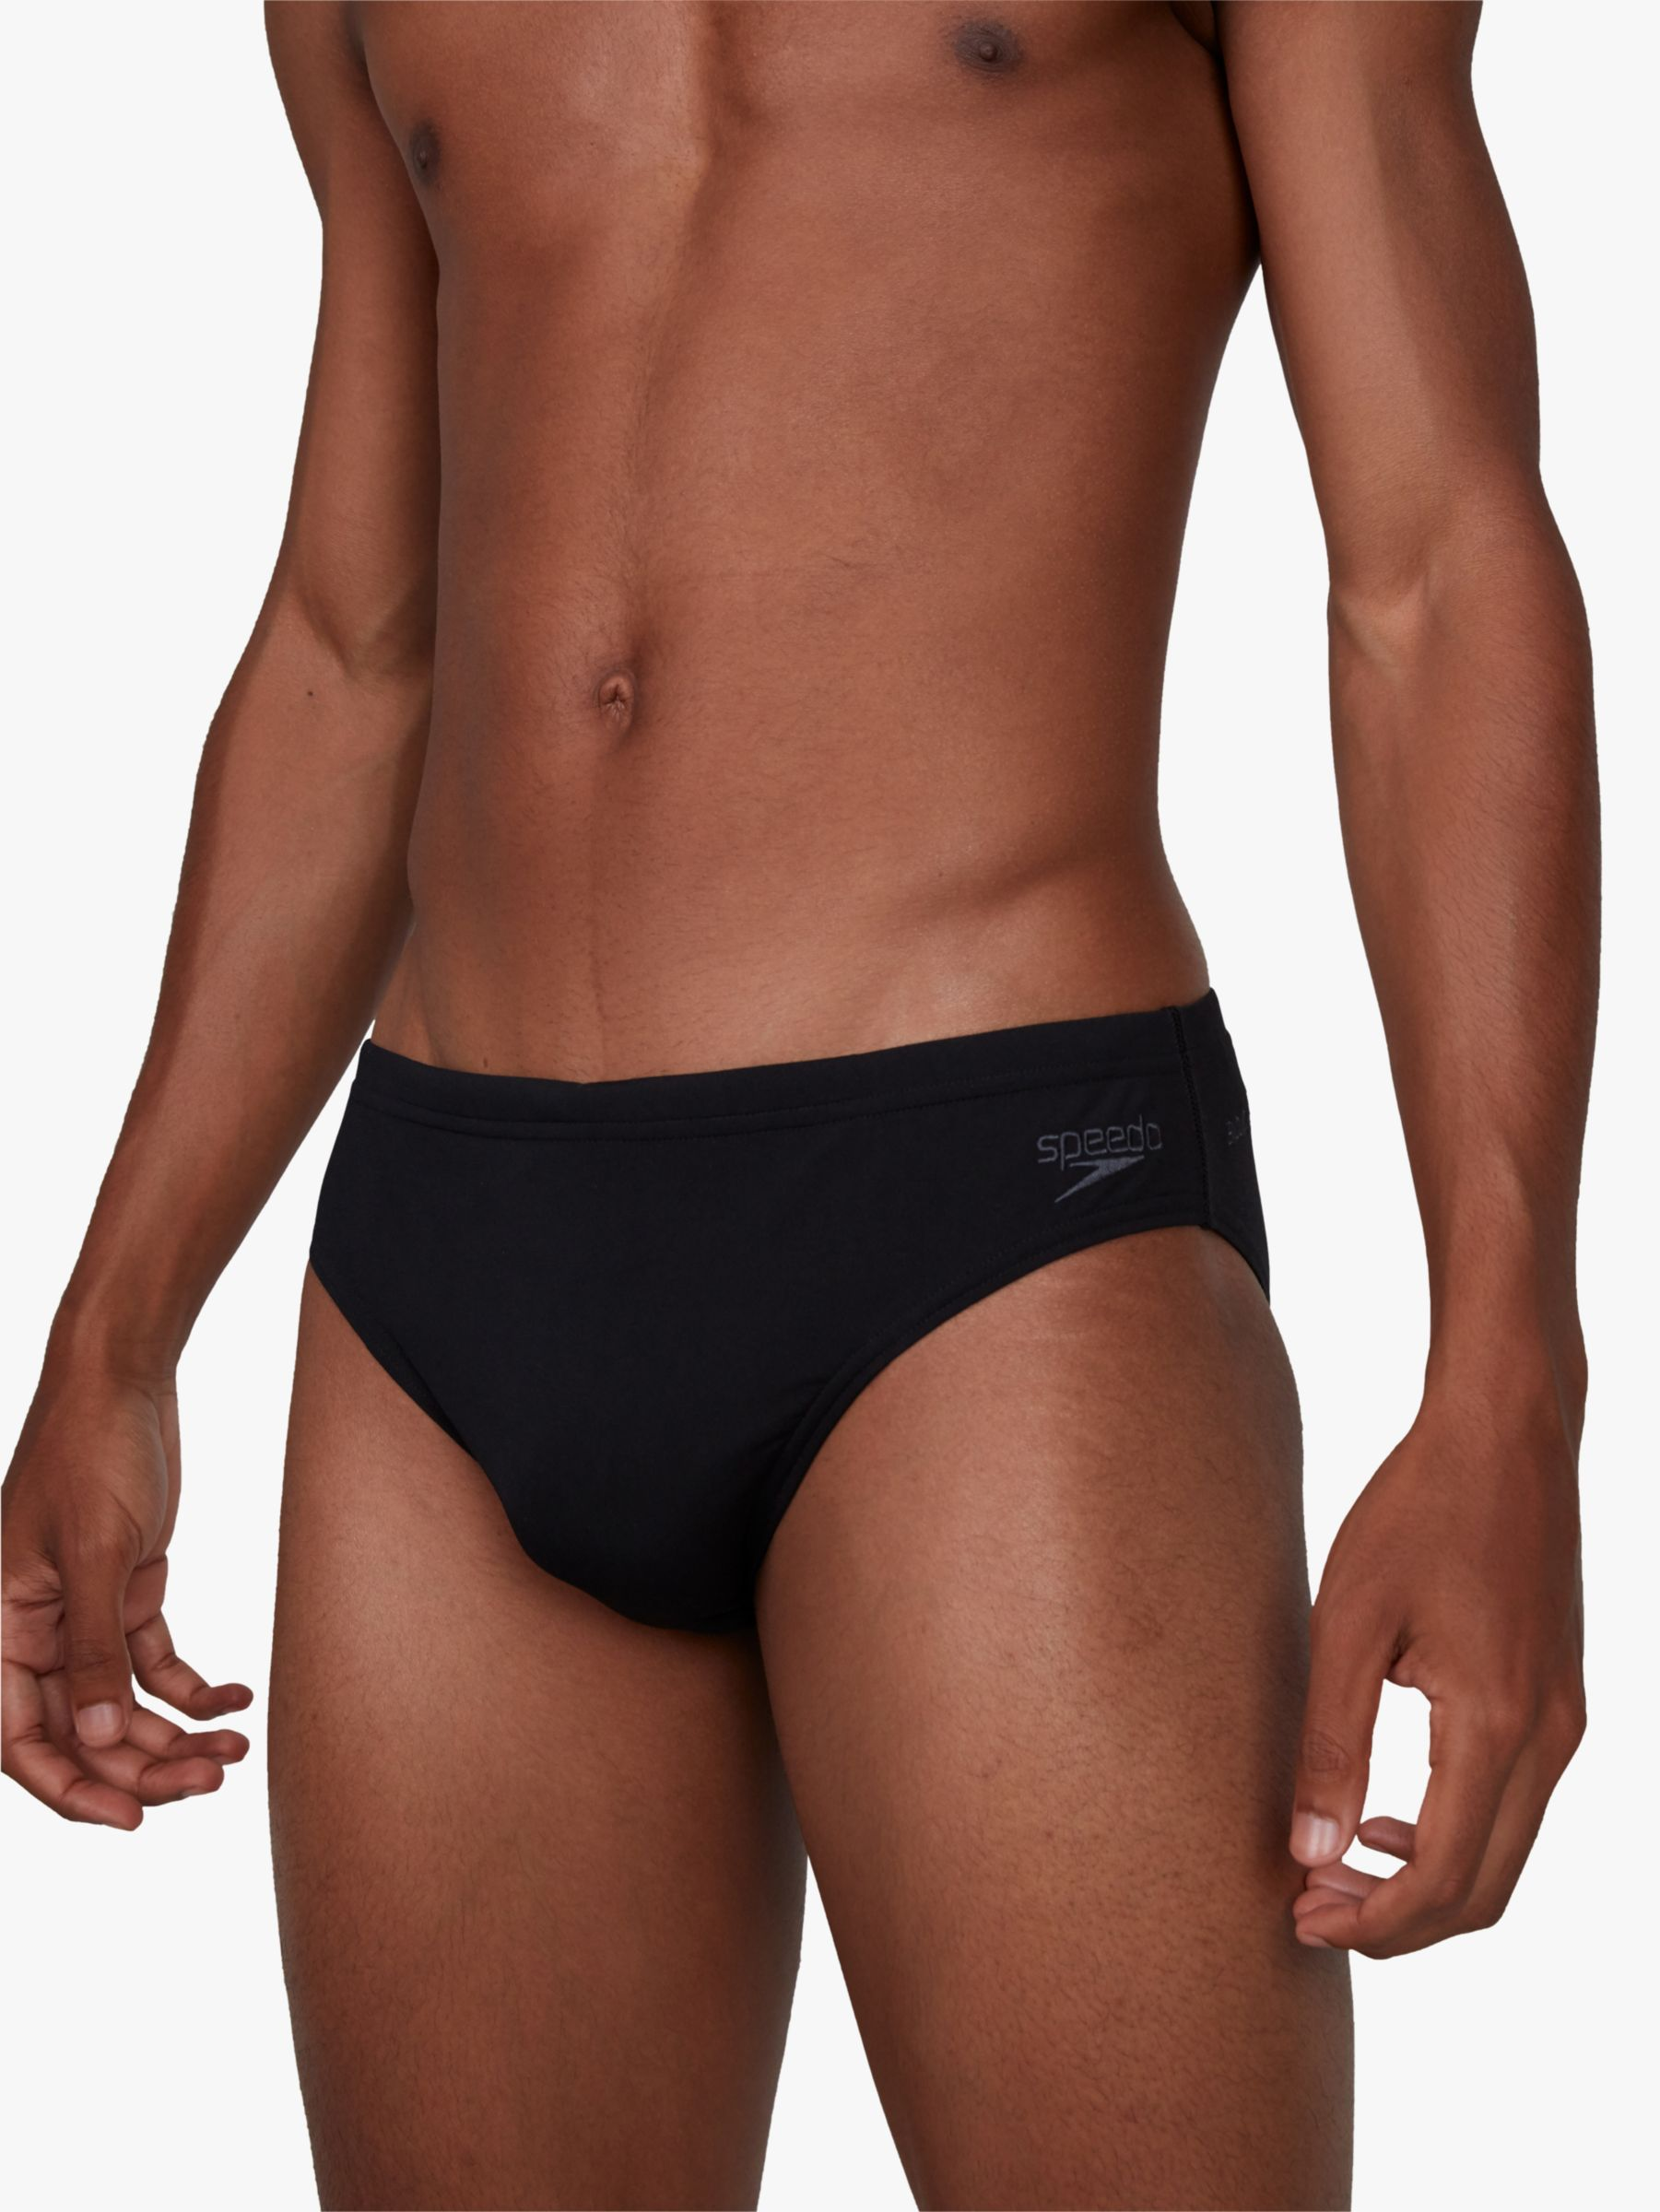 7cm Sportsbrief Herren black 2019 Badehose schwarz speedo Essential Endurance